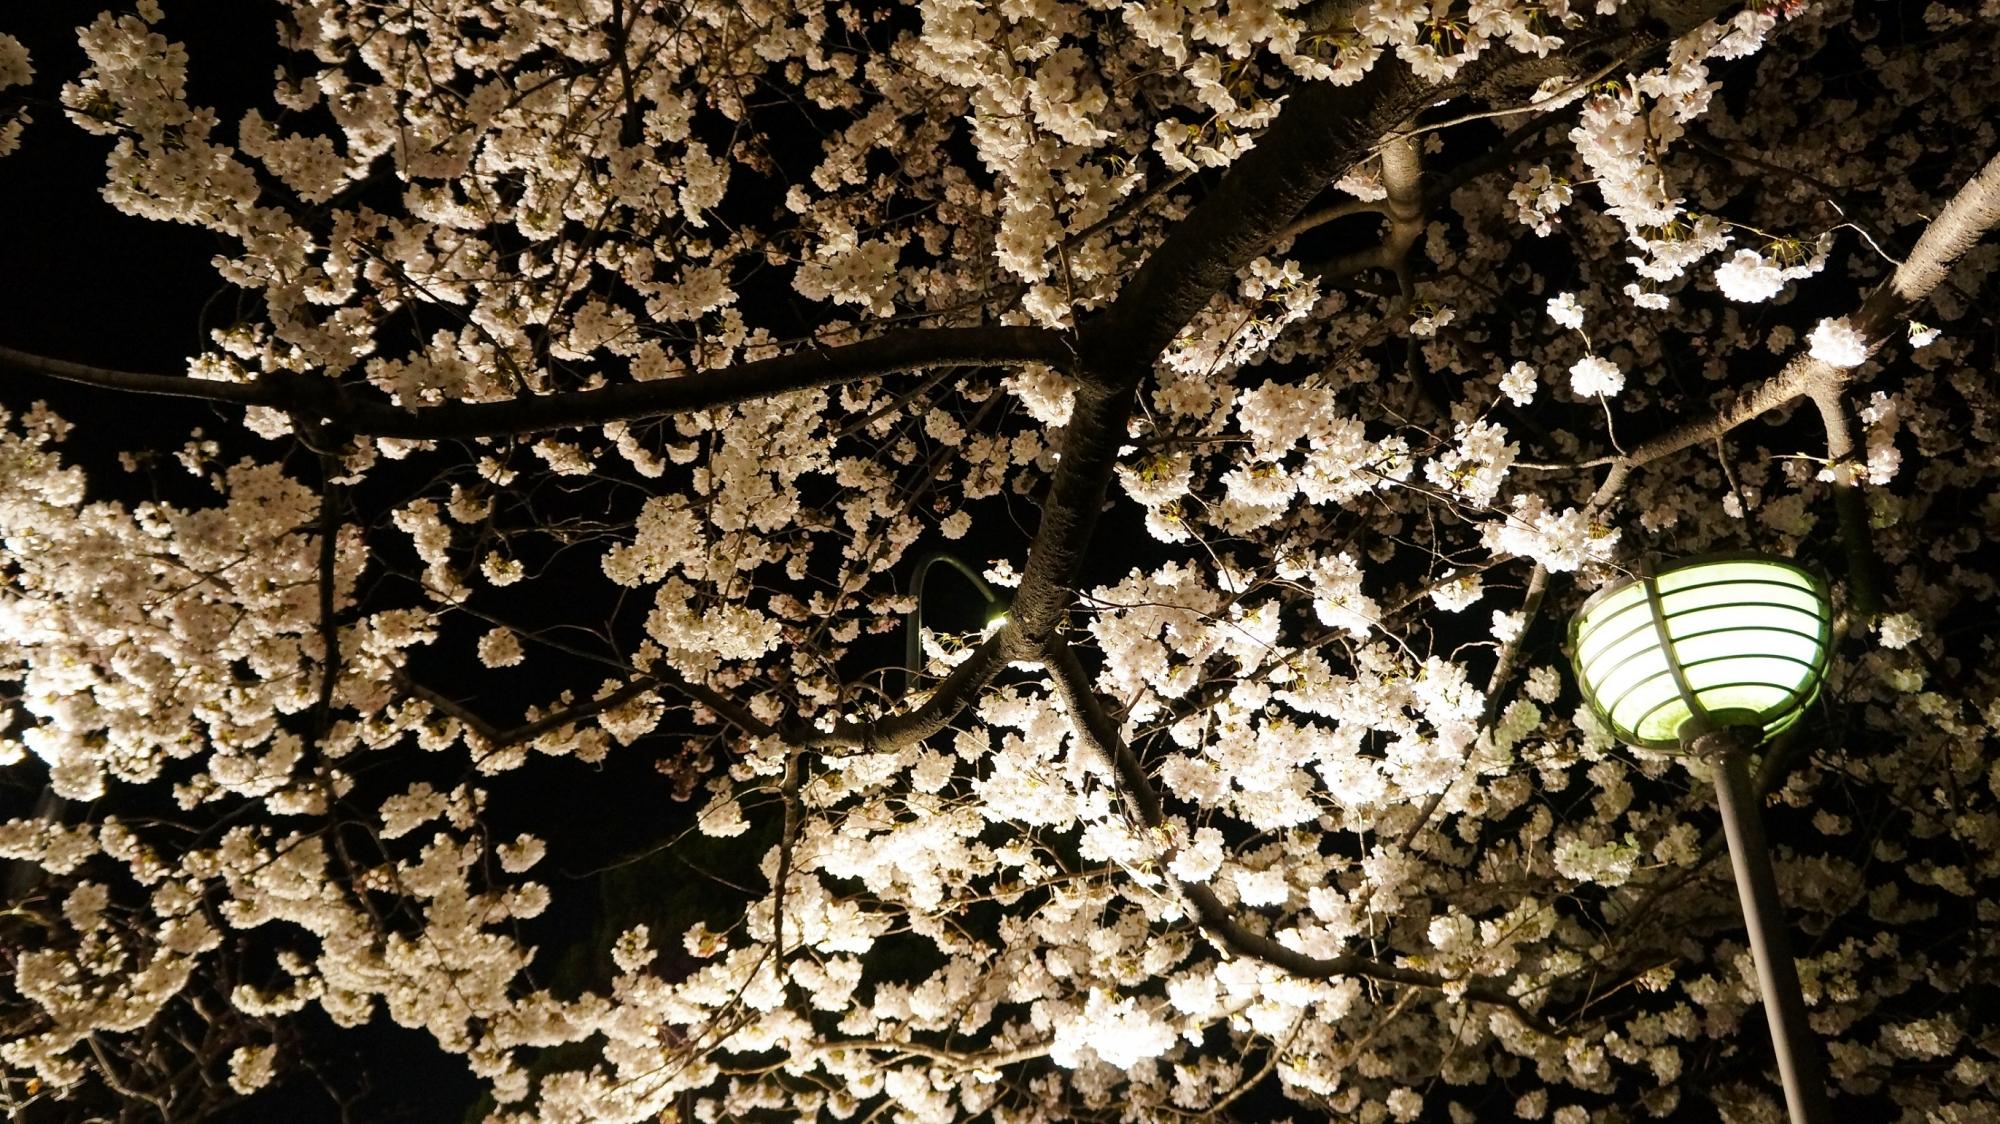 祇園白川のライトアップされた満開の桜の天井